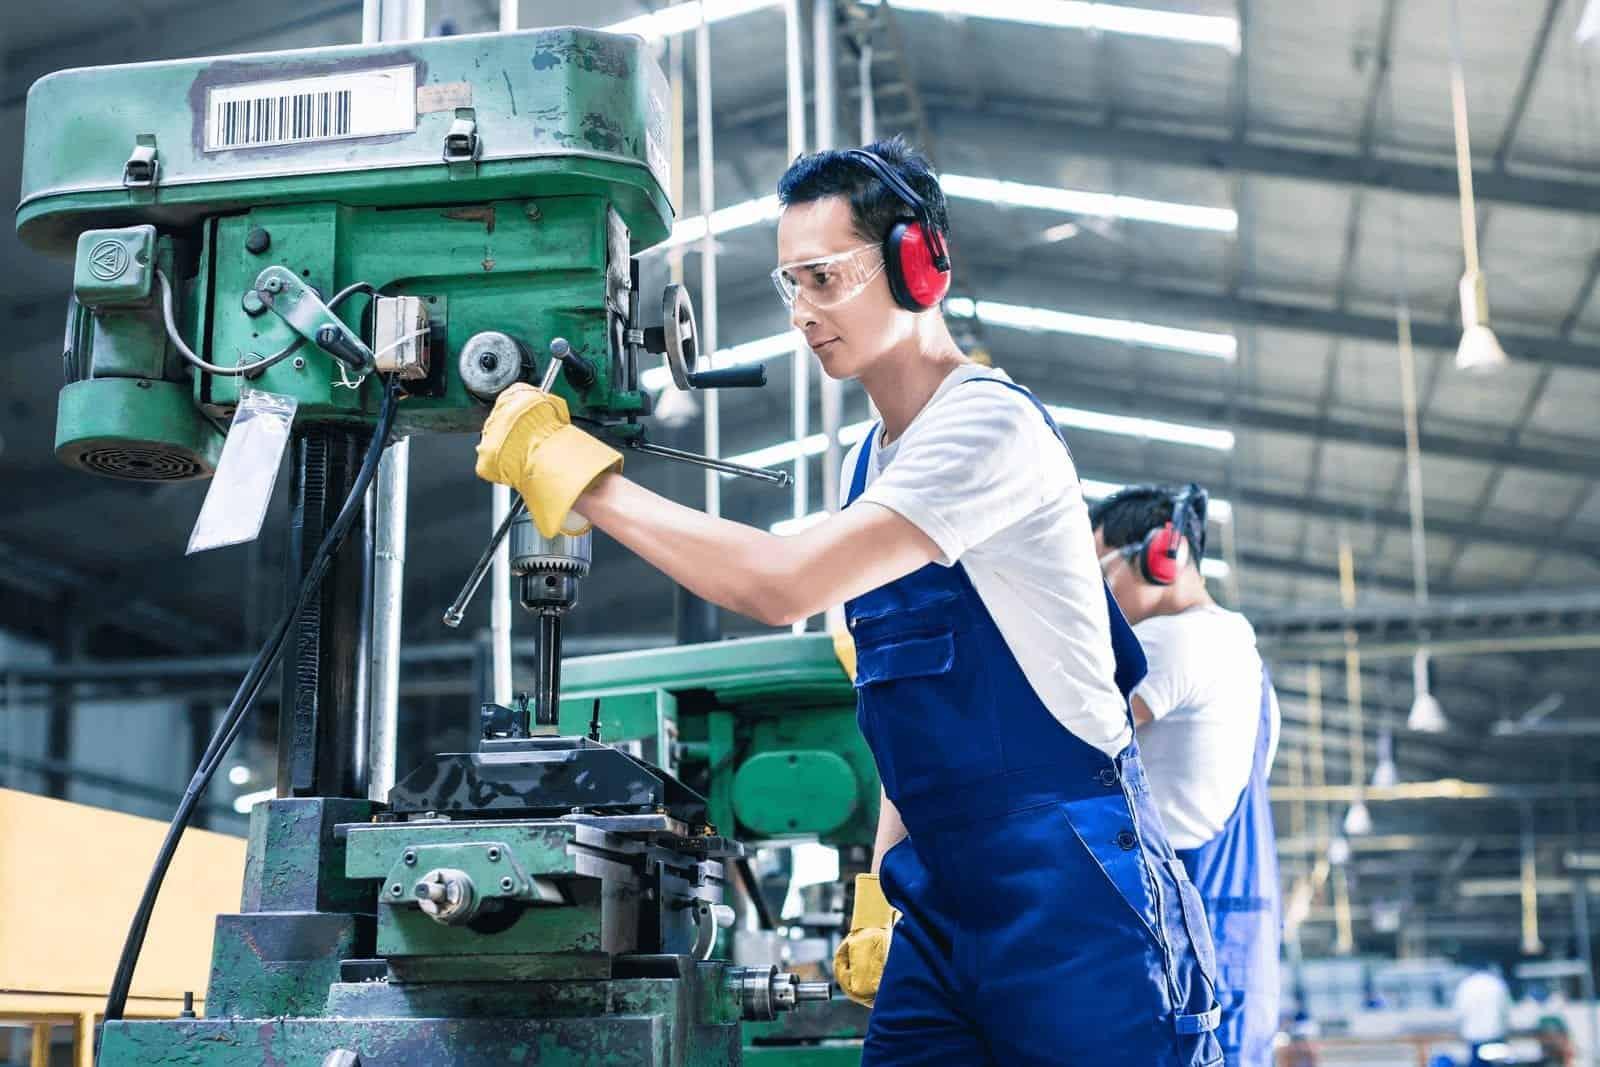 Pentingnya Standar Operasional Prosedur bagi Perusahaan